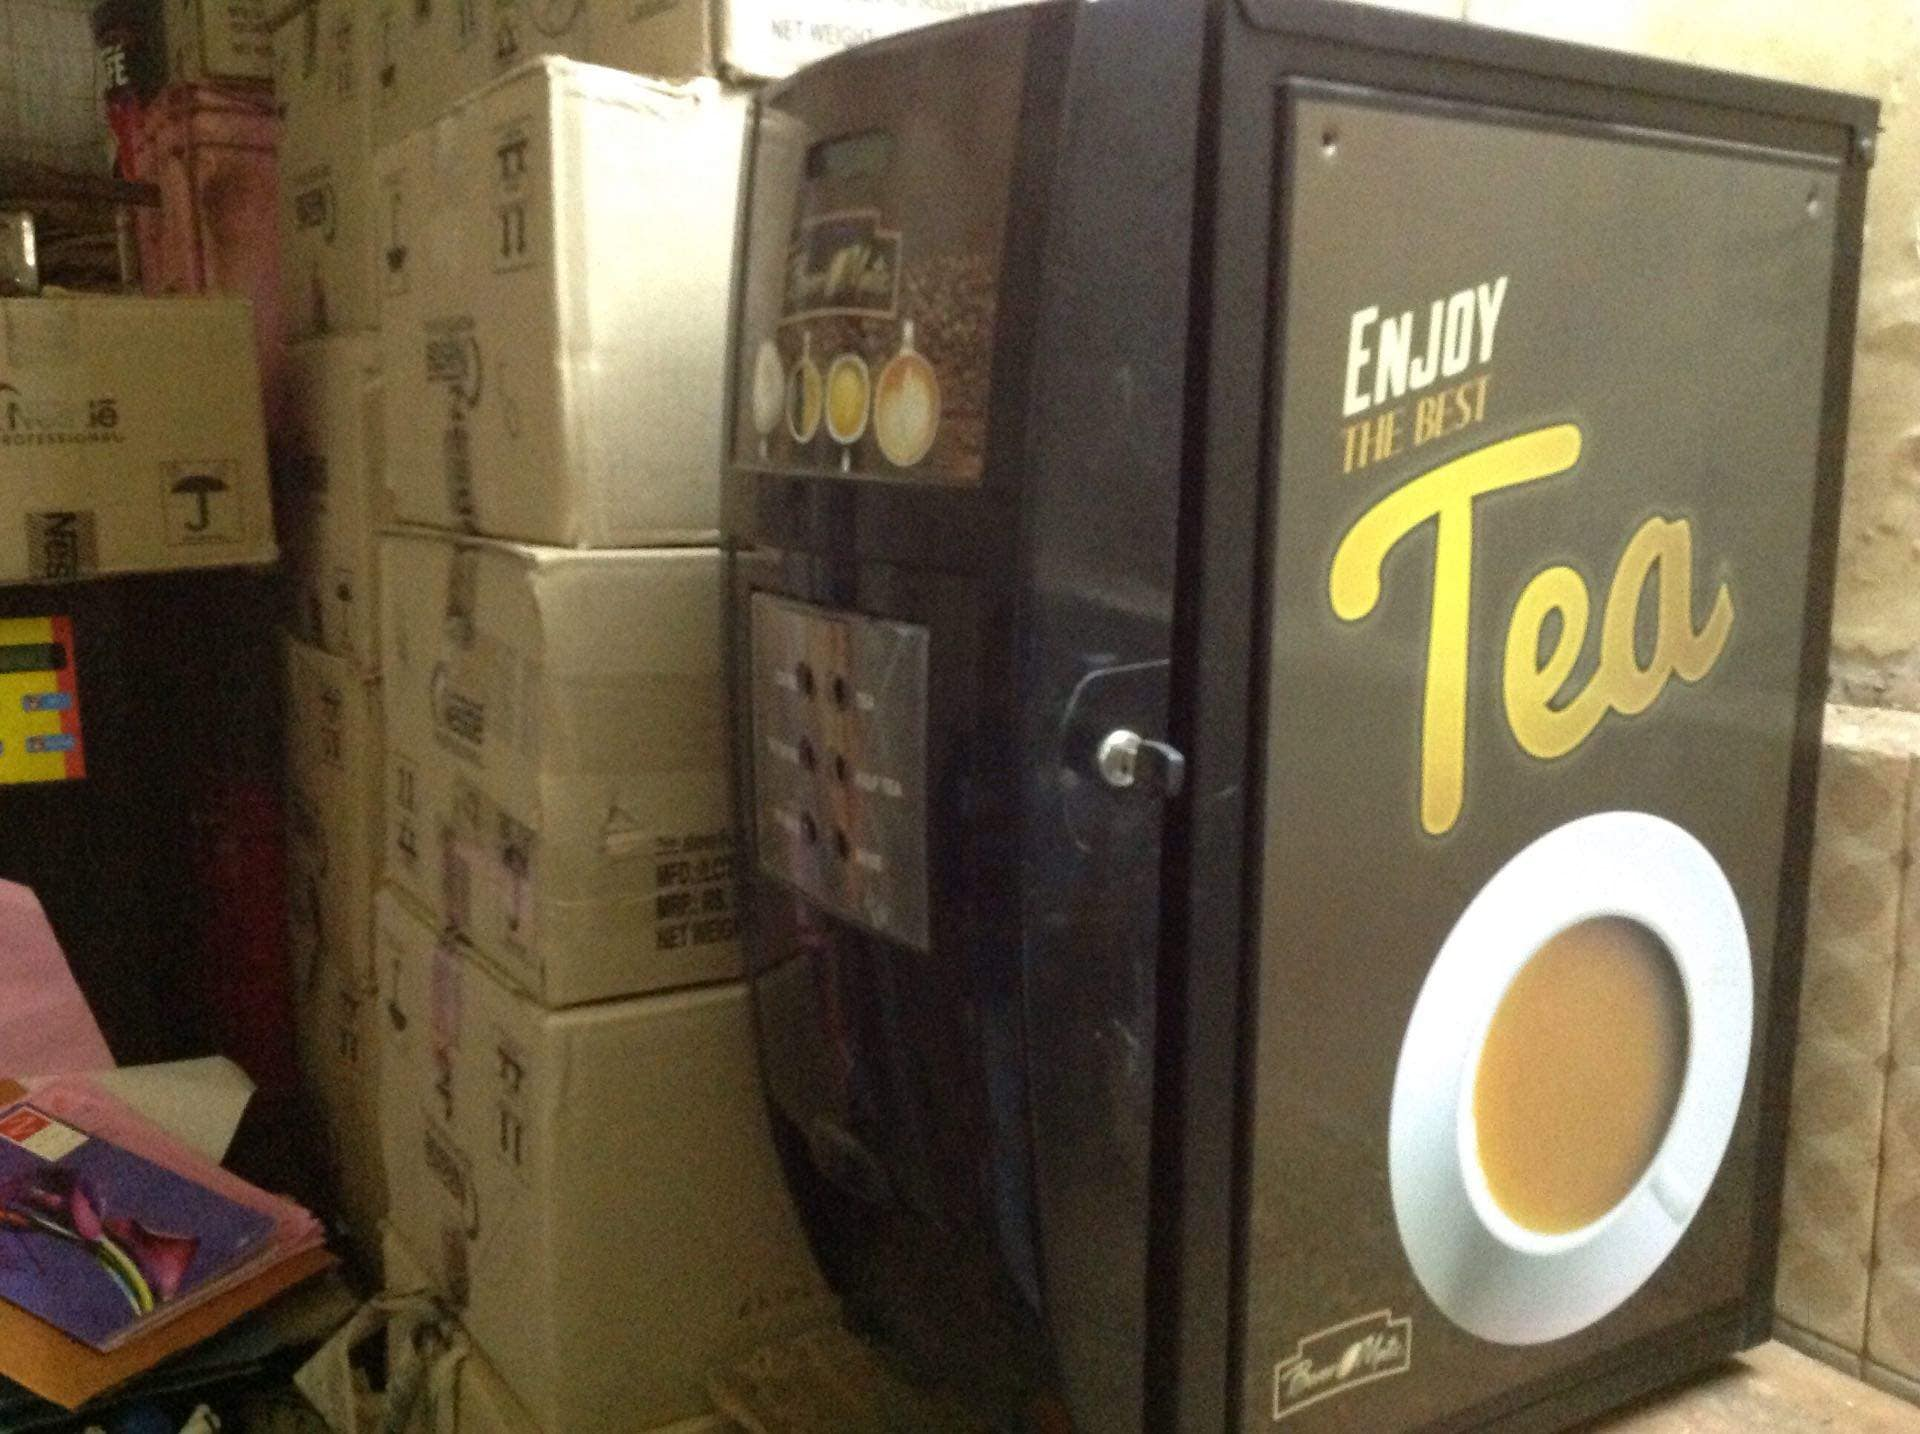 Top 100 Tea Coffee Vending Machine Repair & Services in Andheri East